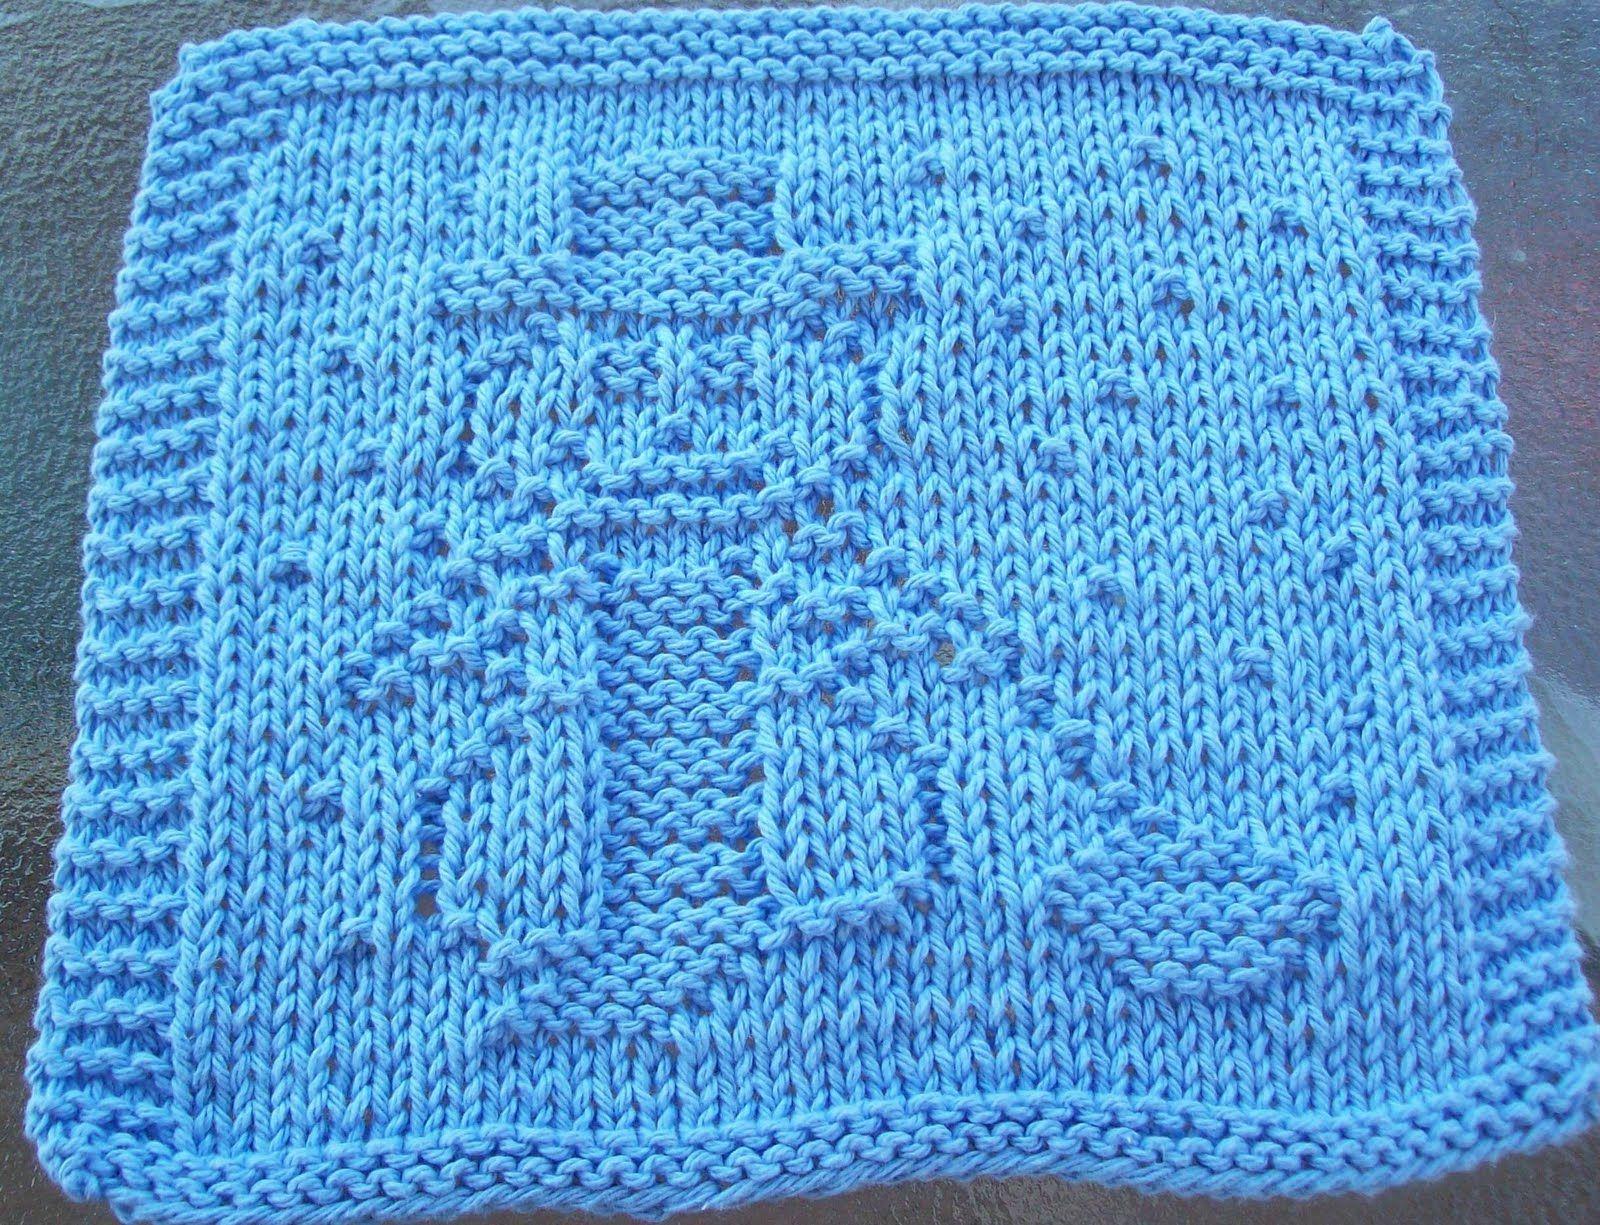 knitting+snowman.jpg 1,600×1,225 pixels | Knitting | Pinterest ...